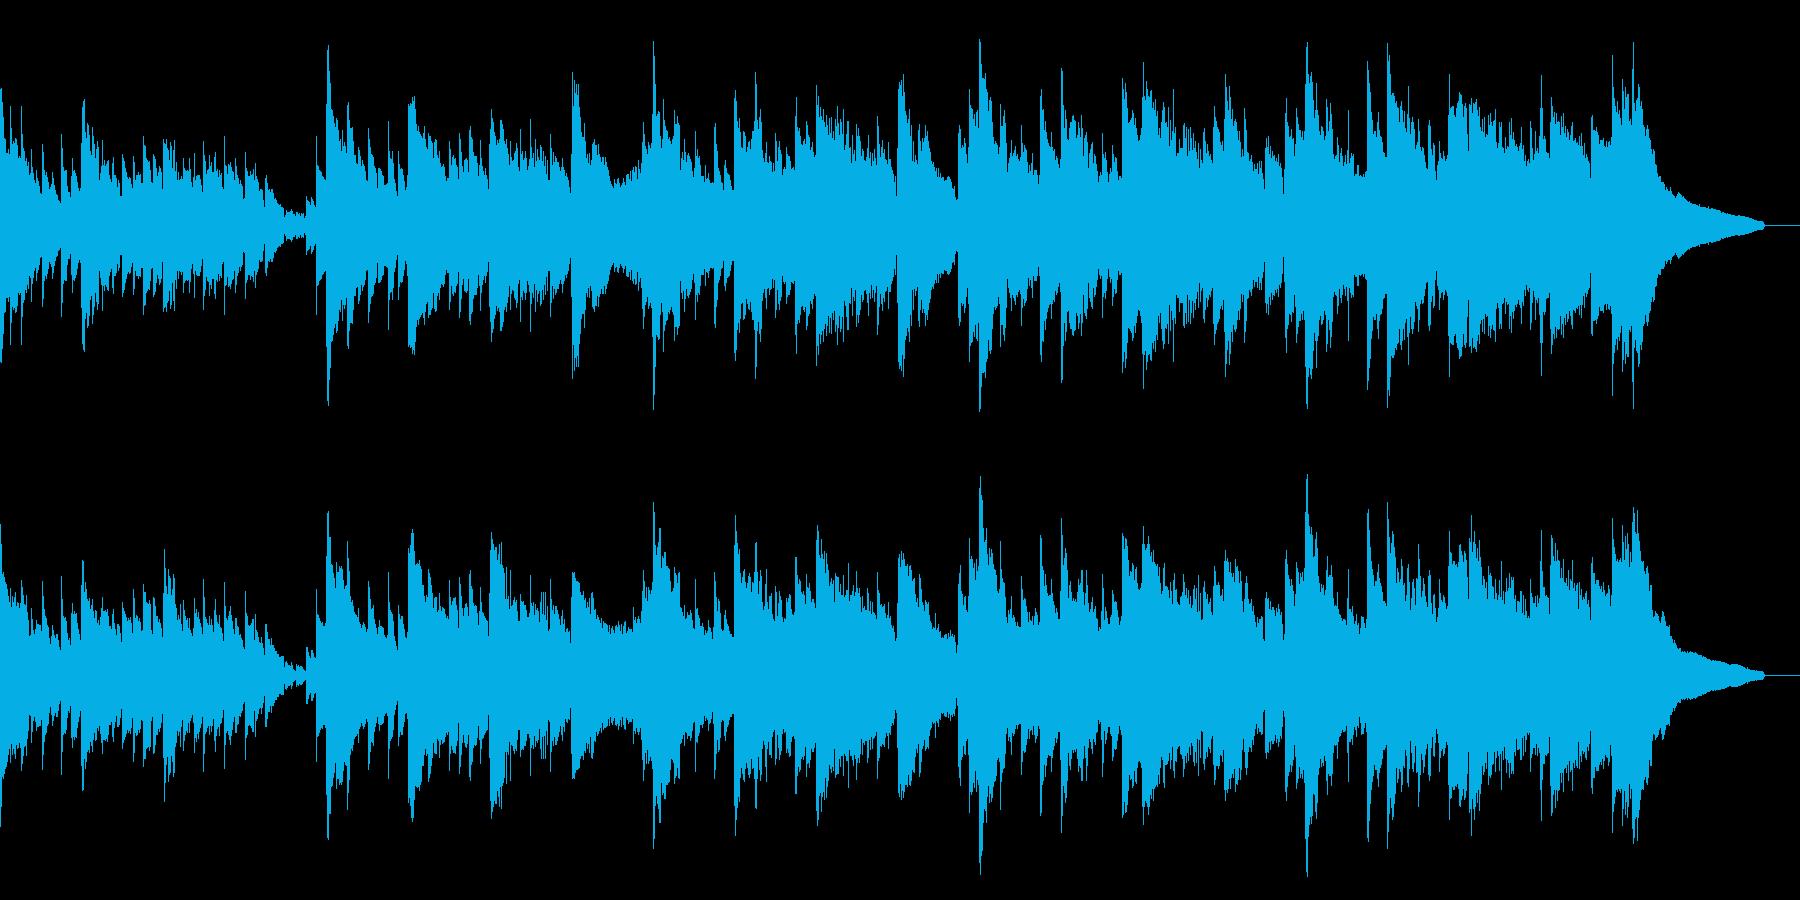 アコギ、ウクレレの静かな曲の再生済みの波形